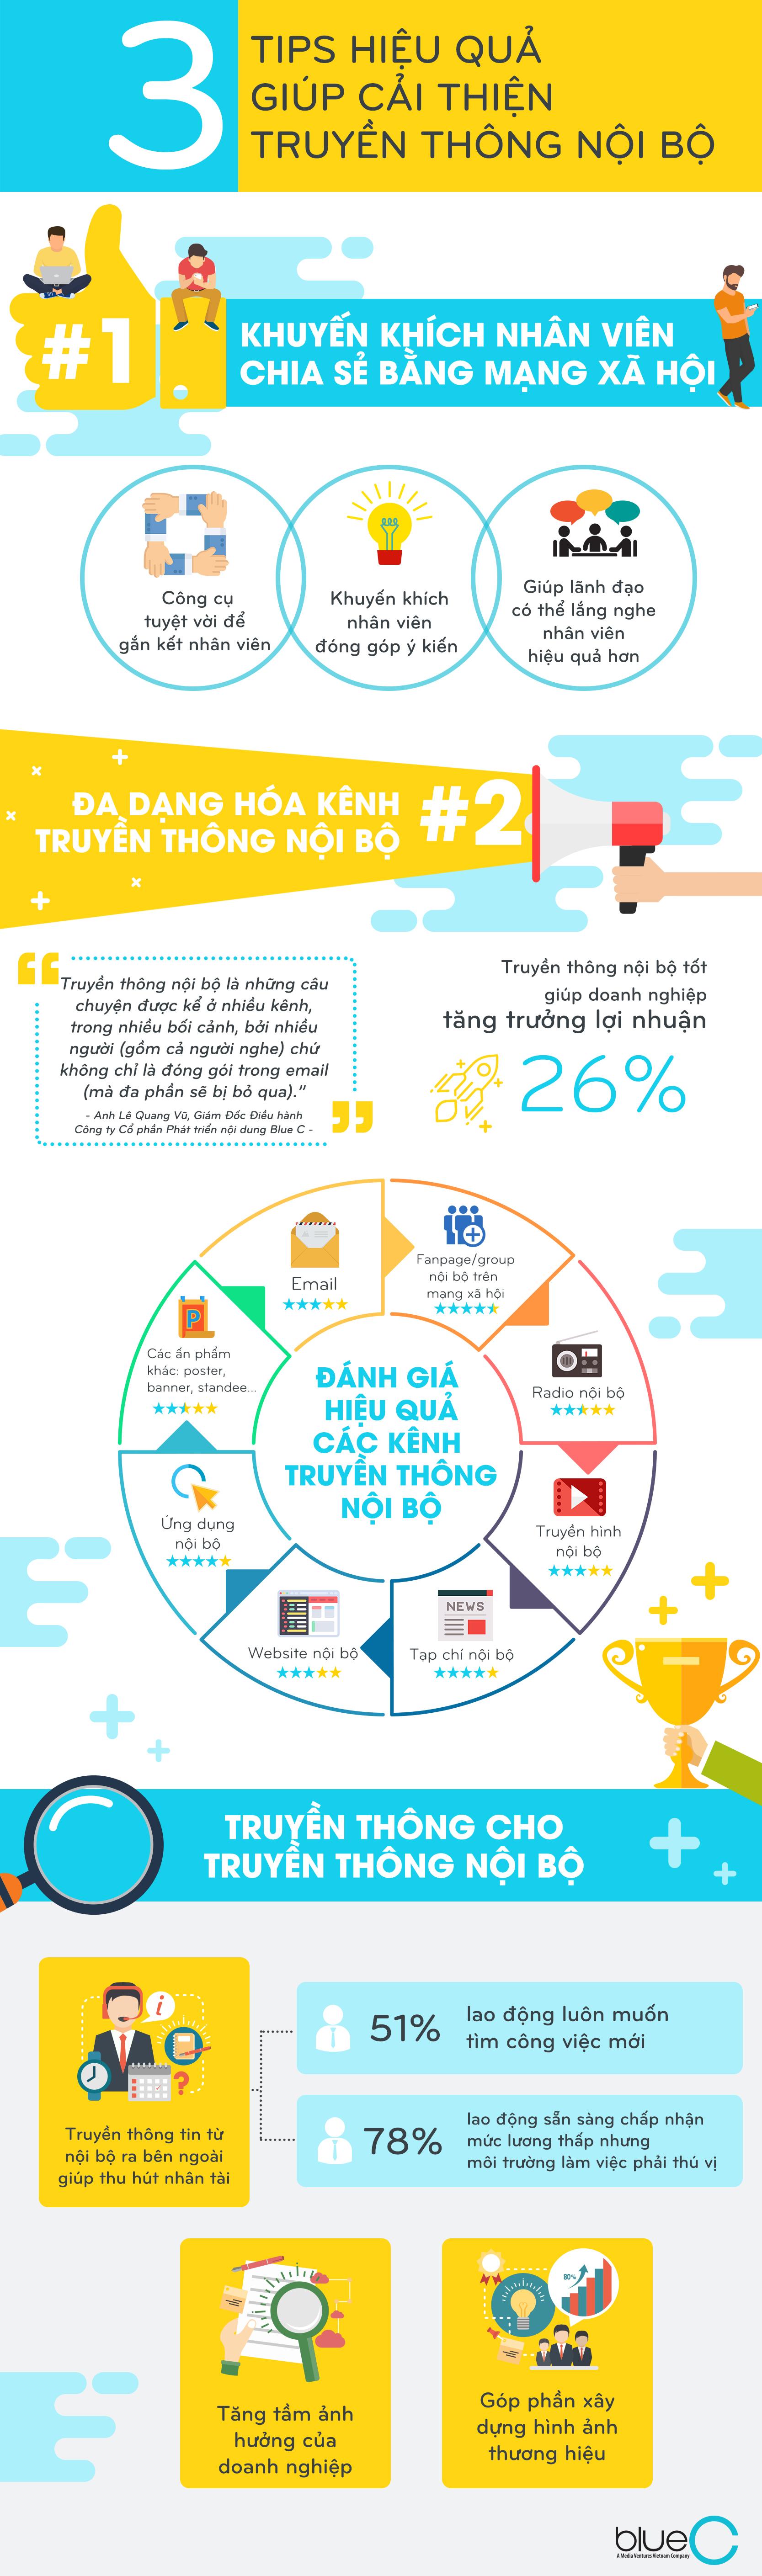 3 cách cải thiện truyền thông nội bộ cực hiệu quả